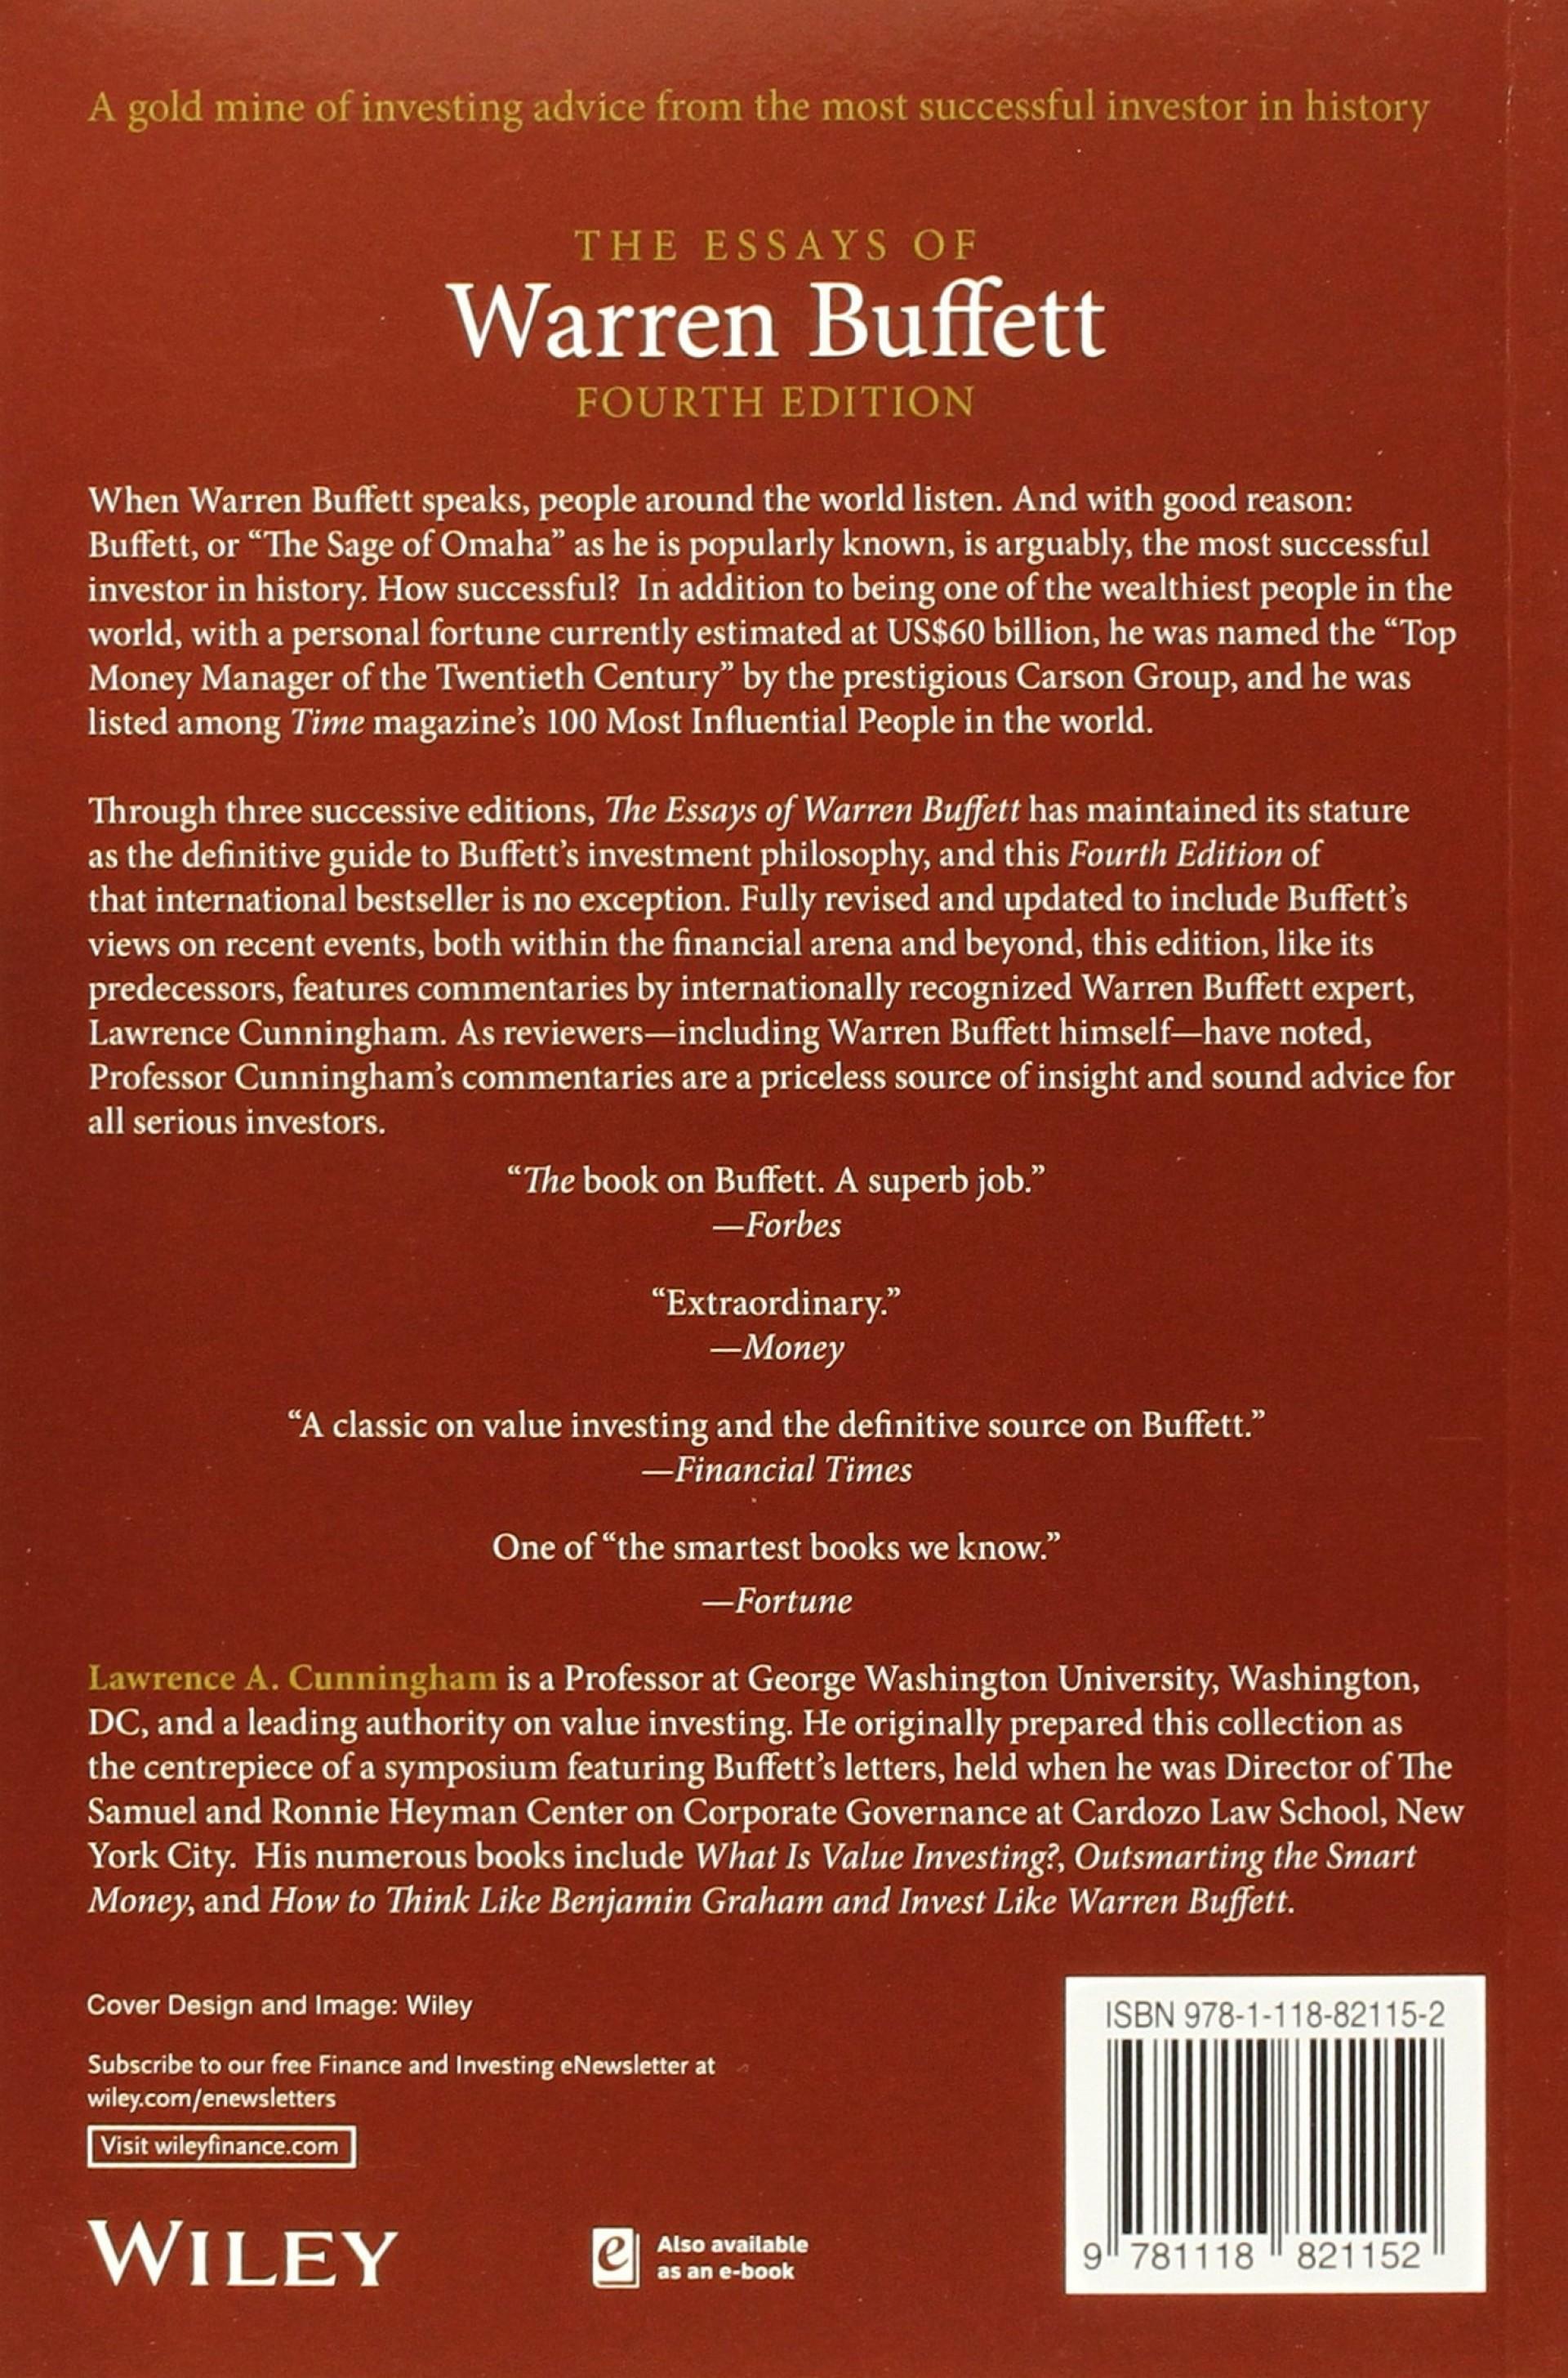 007 91viw96oq0l Die Essays Von Warren Buffett Essay Archaicawful Pdf 1920